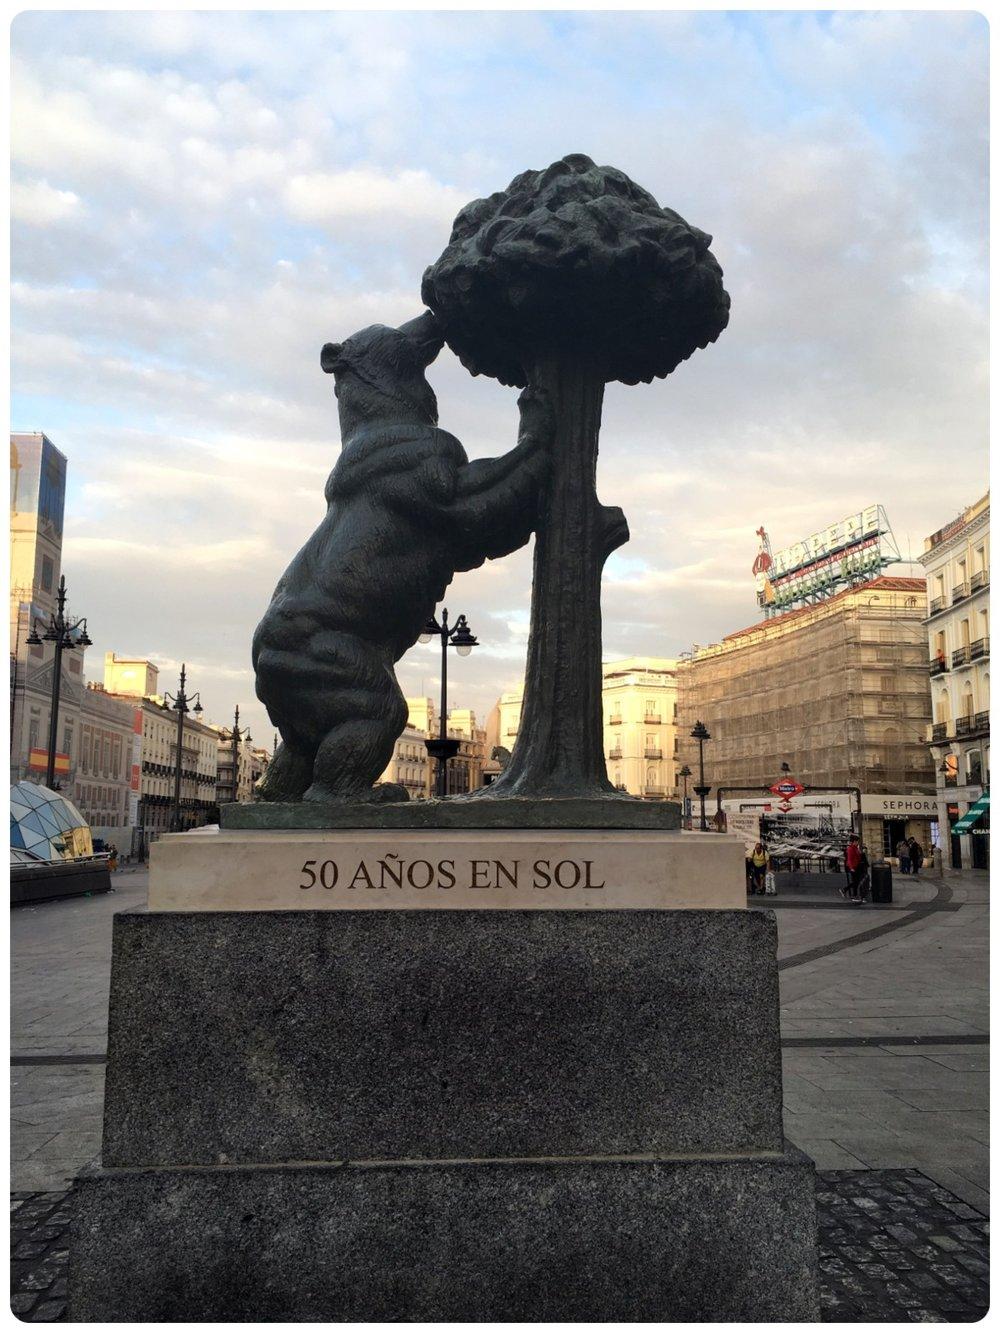 El Oso y El Madroño (the city symbol) in Madrid, Spain.